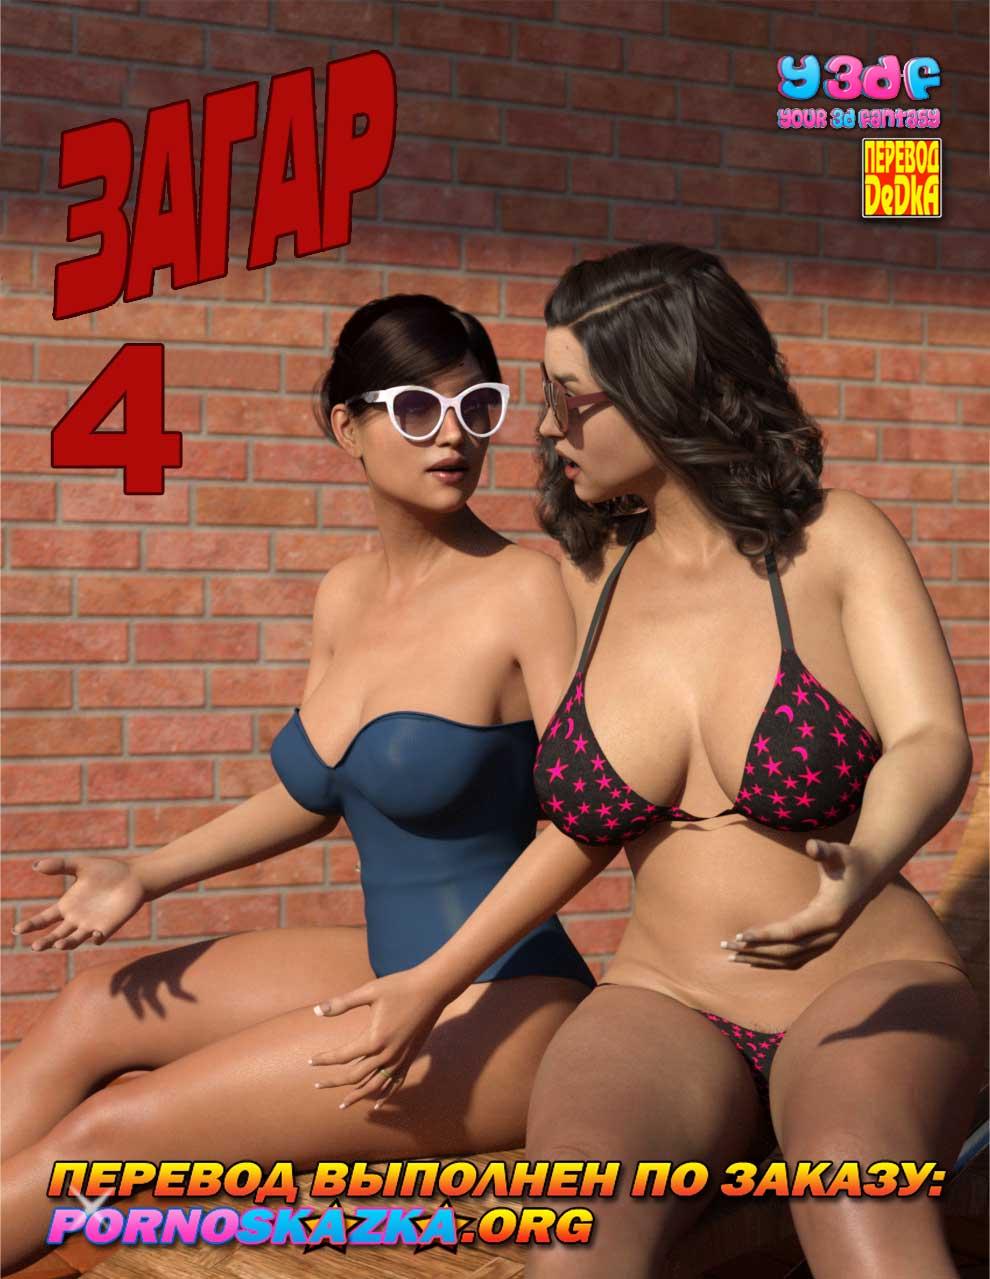 порно комикс загар 4